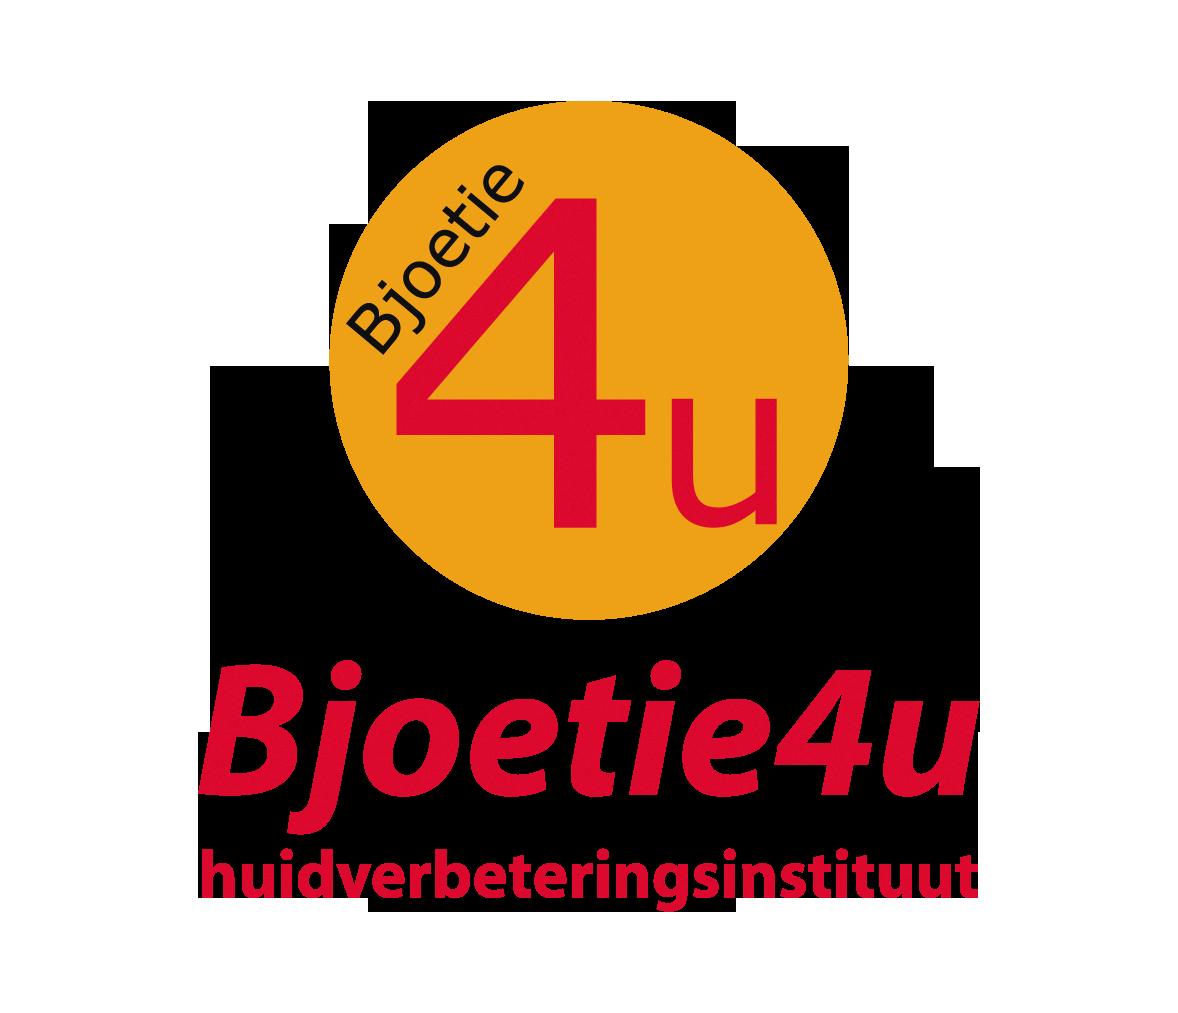 logo bjoetie4u